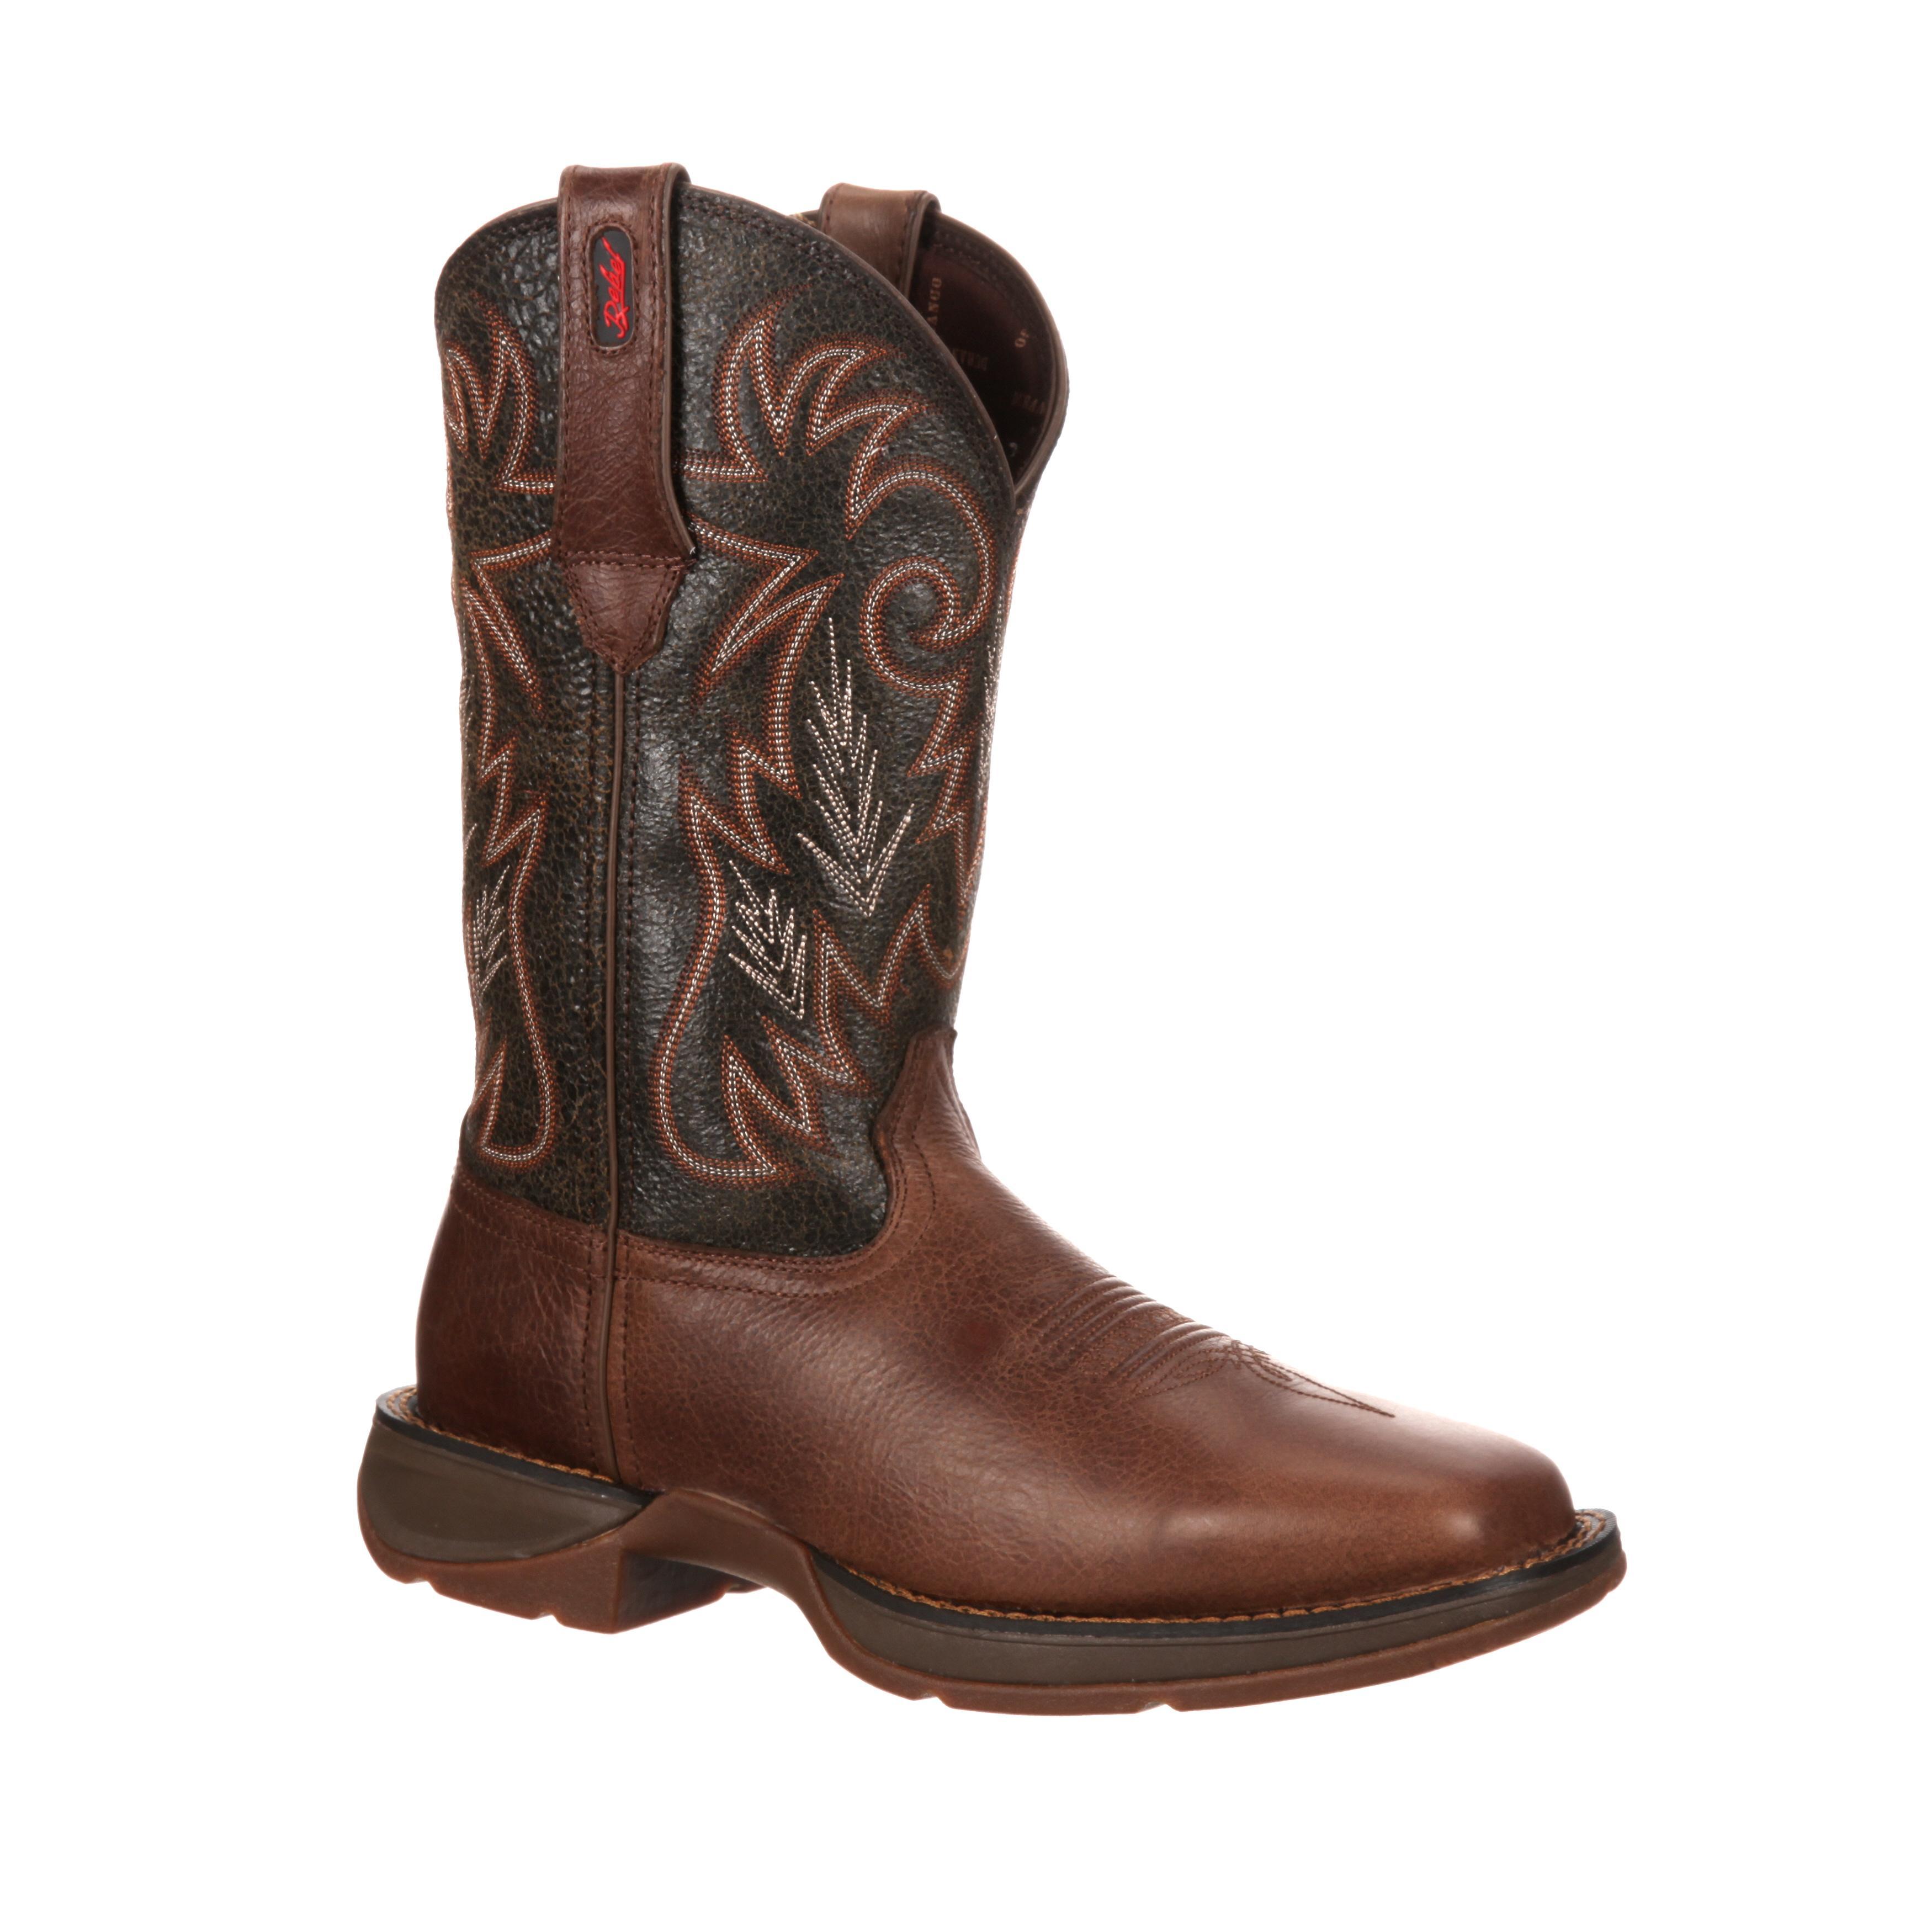 Rebel by Durango Pull-On Western Boot, #DWDB013